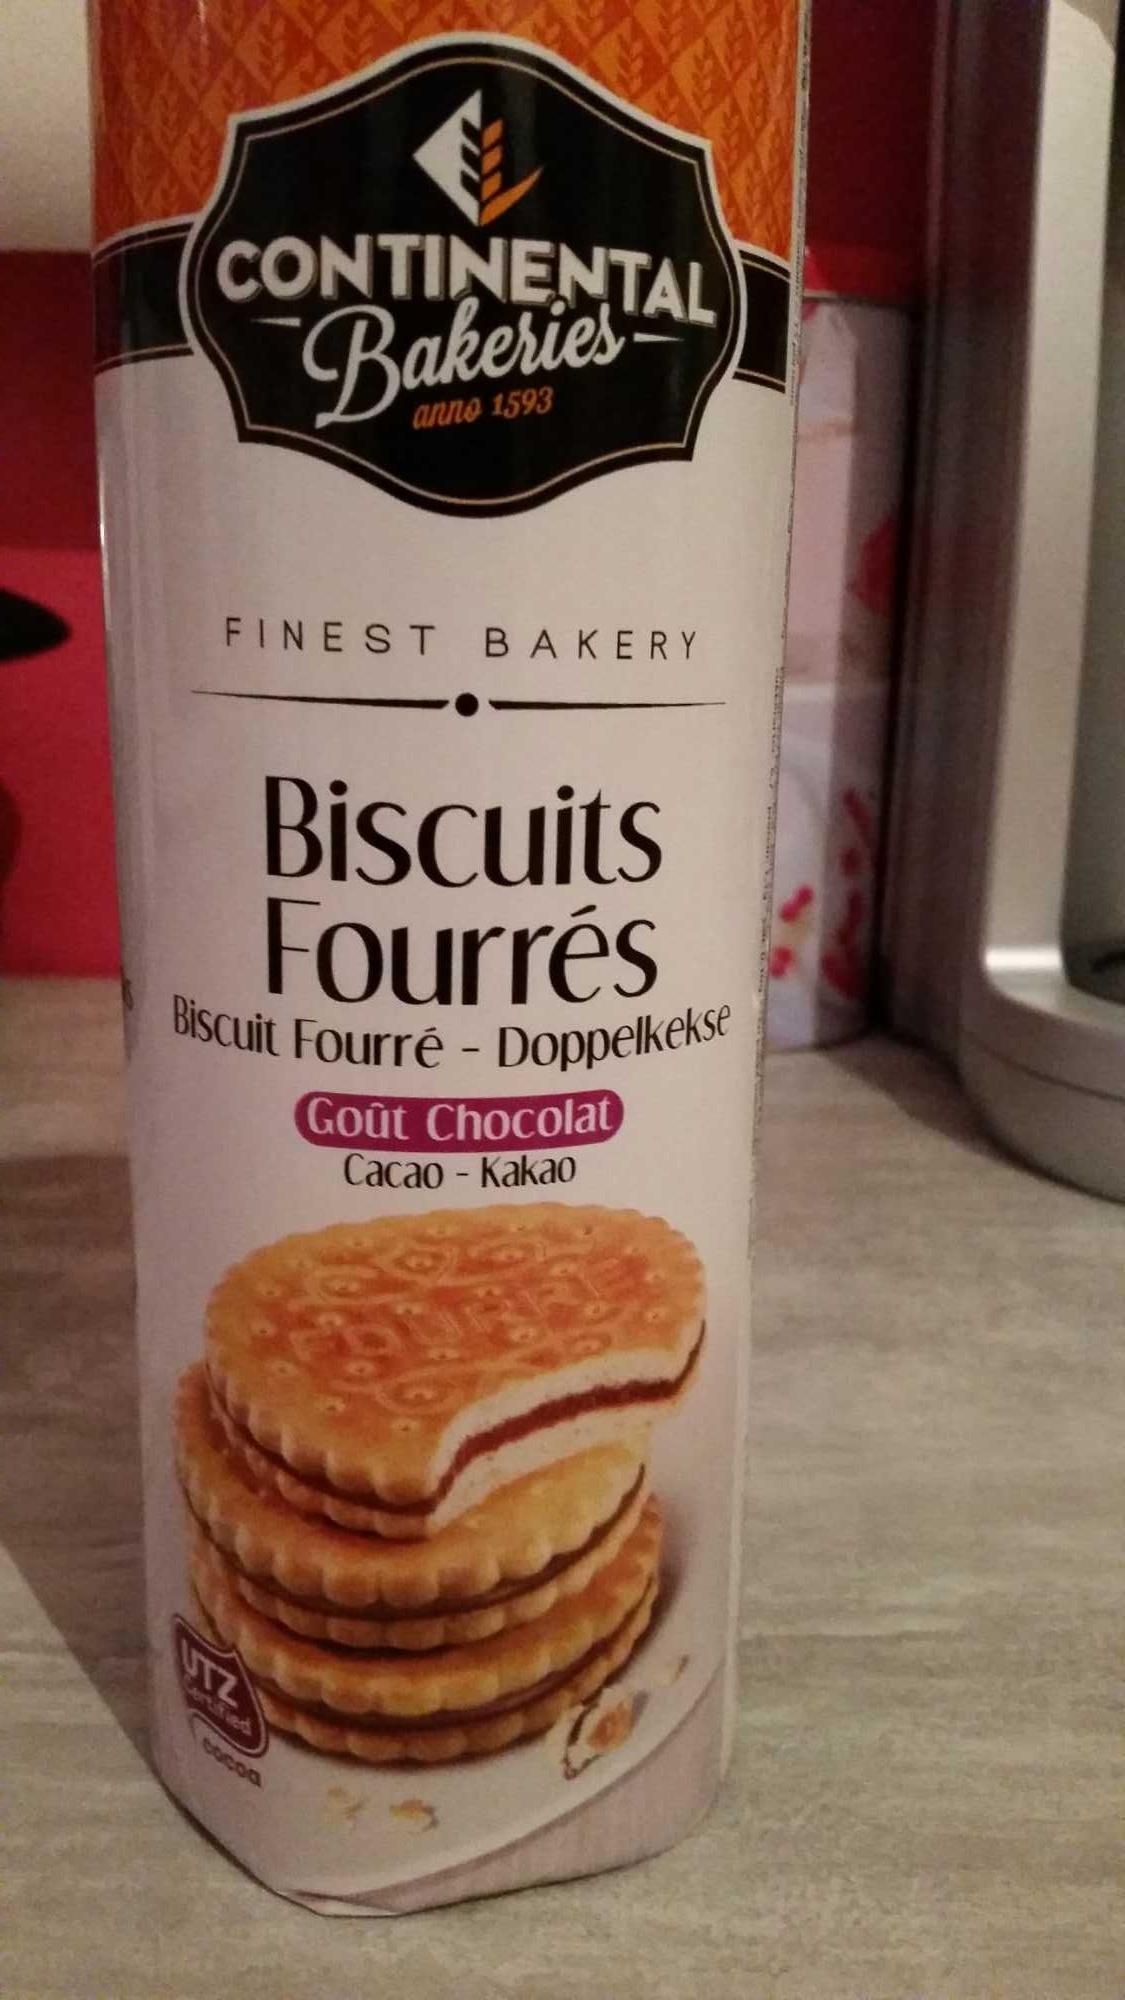 Biscuits fourrés goût chocolat - Product